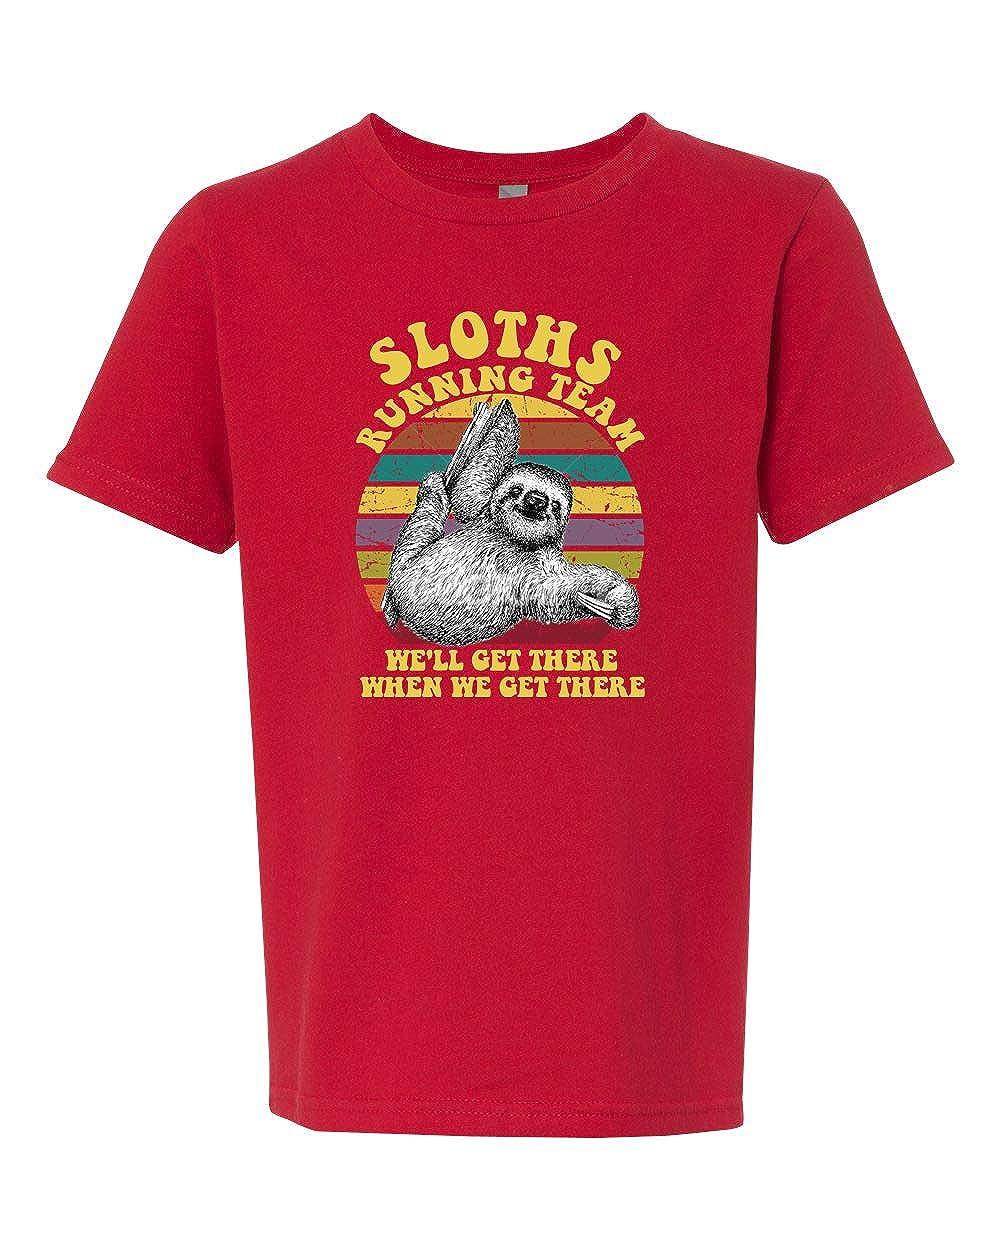 Custom Apparel R Us Sloth Running Team Girls Boys Short Sleeve